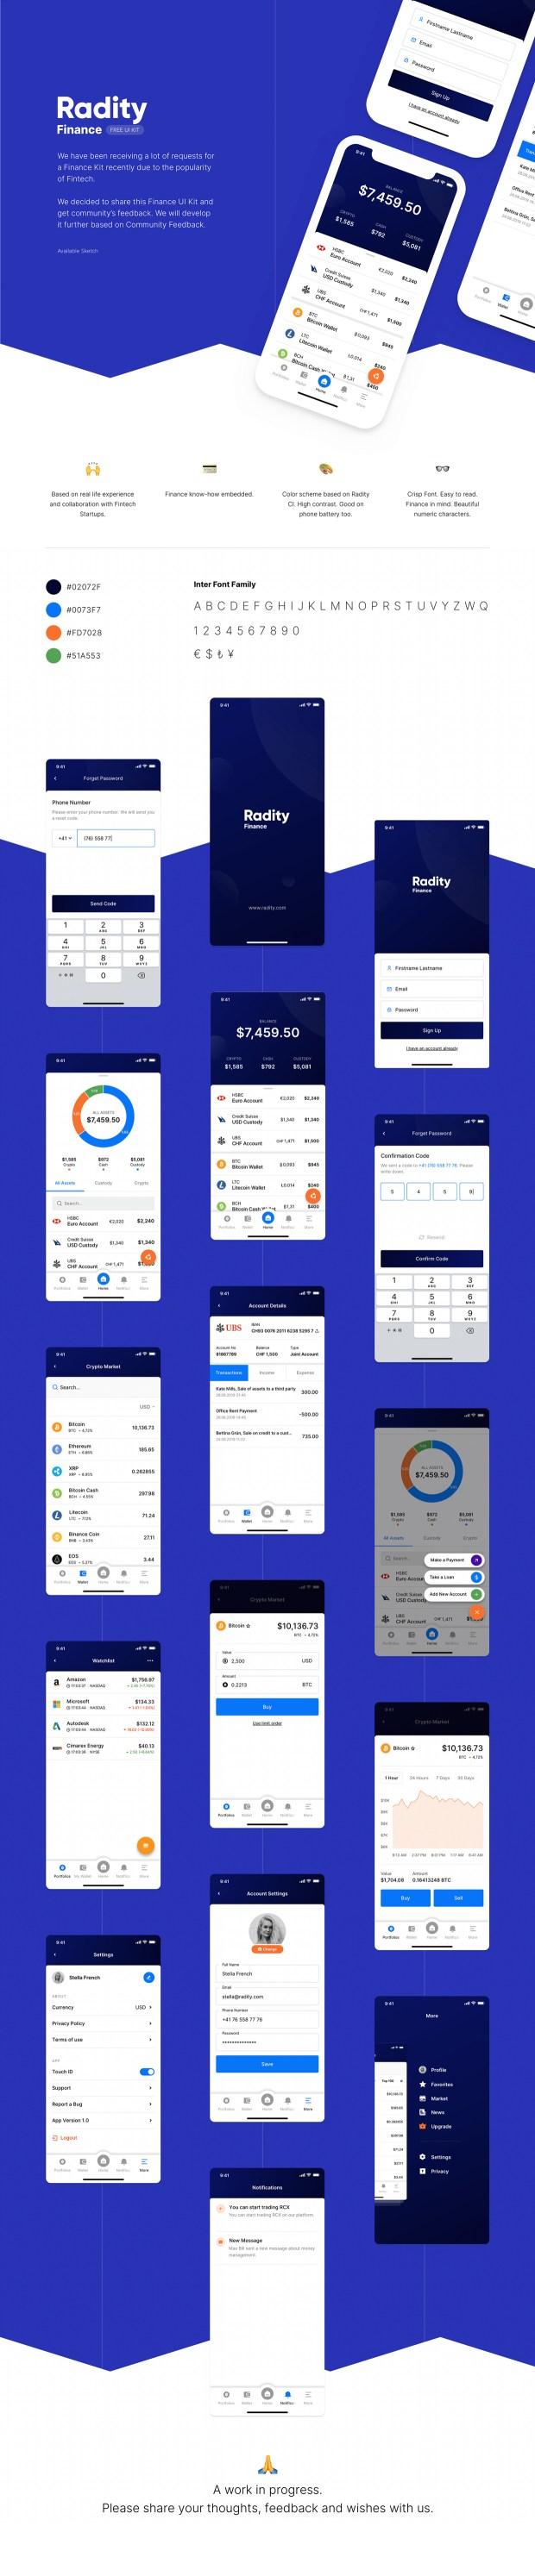 Radity Finance  Free UI Kit